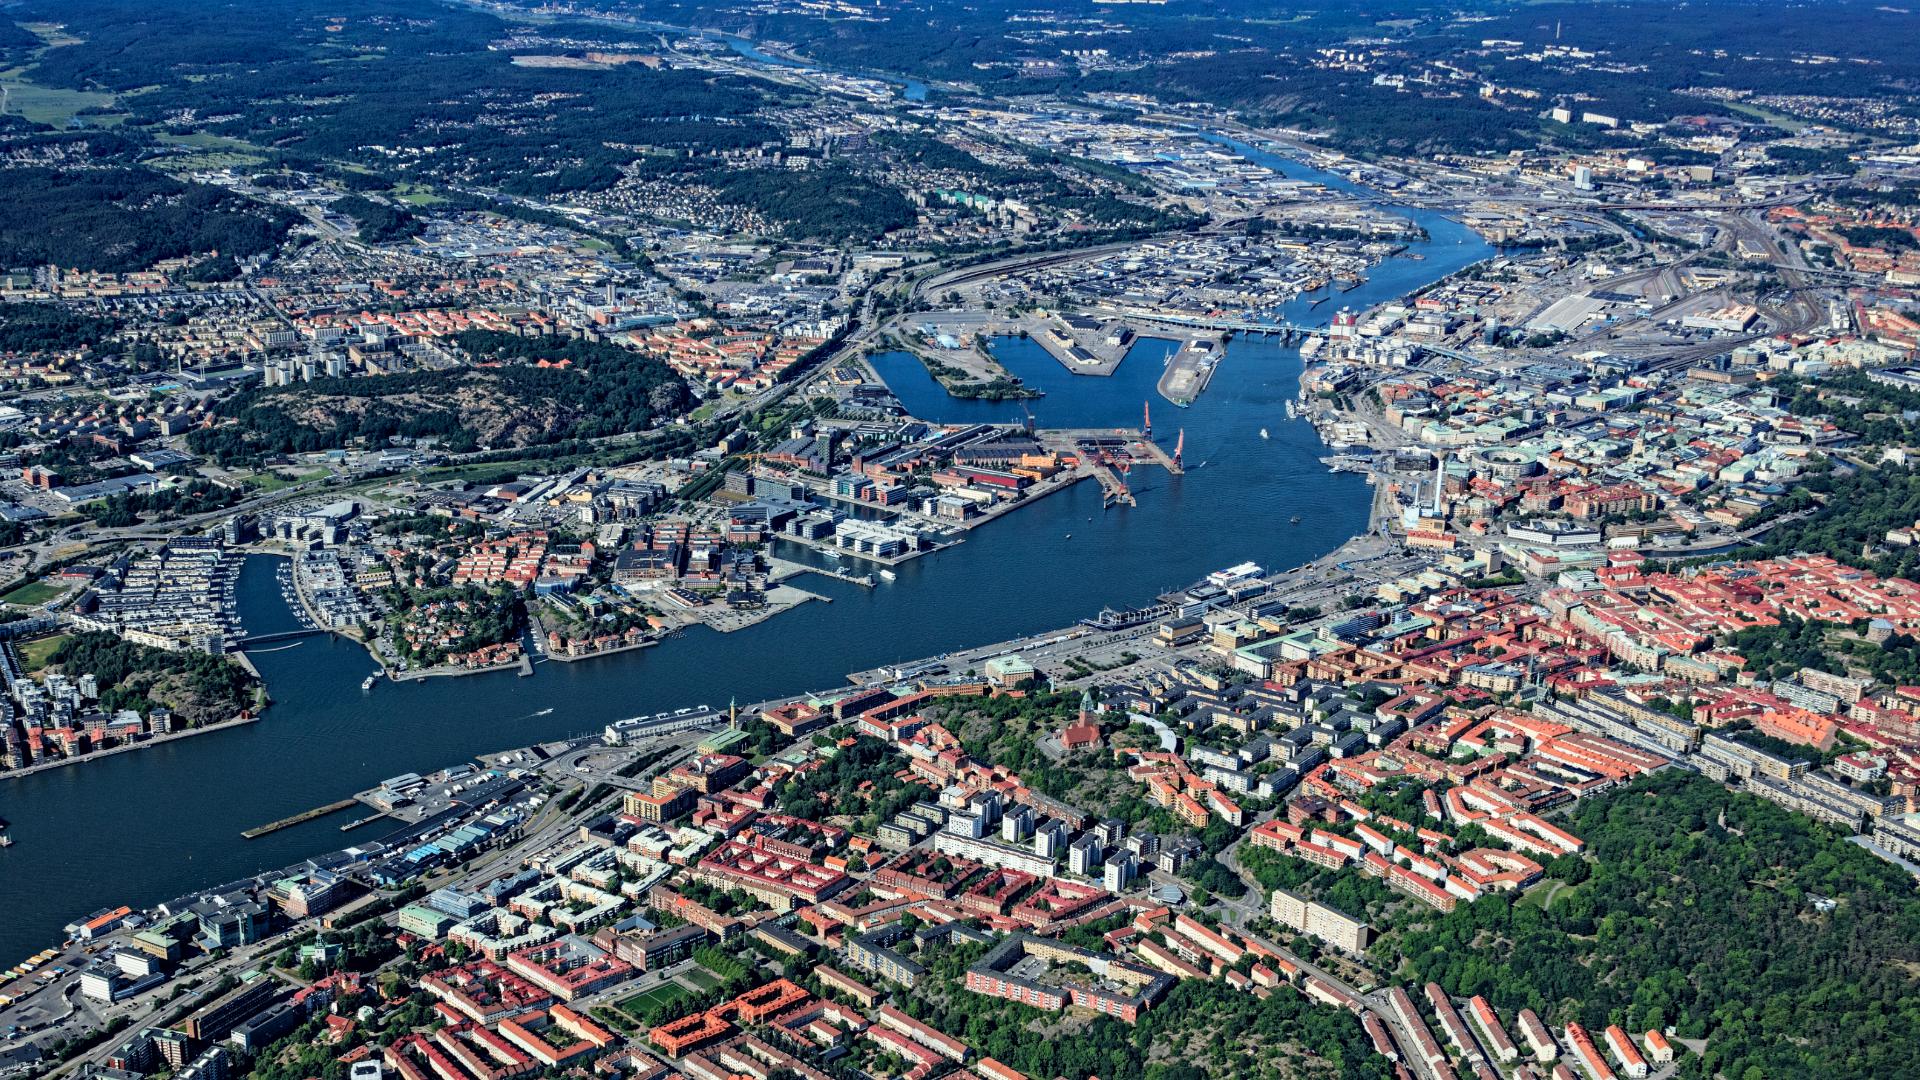 Flygfoto över Älvstadens områden som breder ut sig på båda sidor om Göta älv i centrala Göteborg.